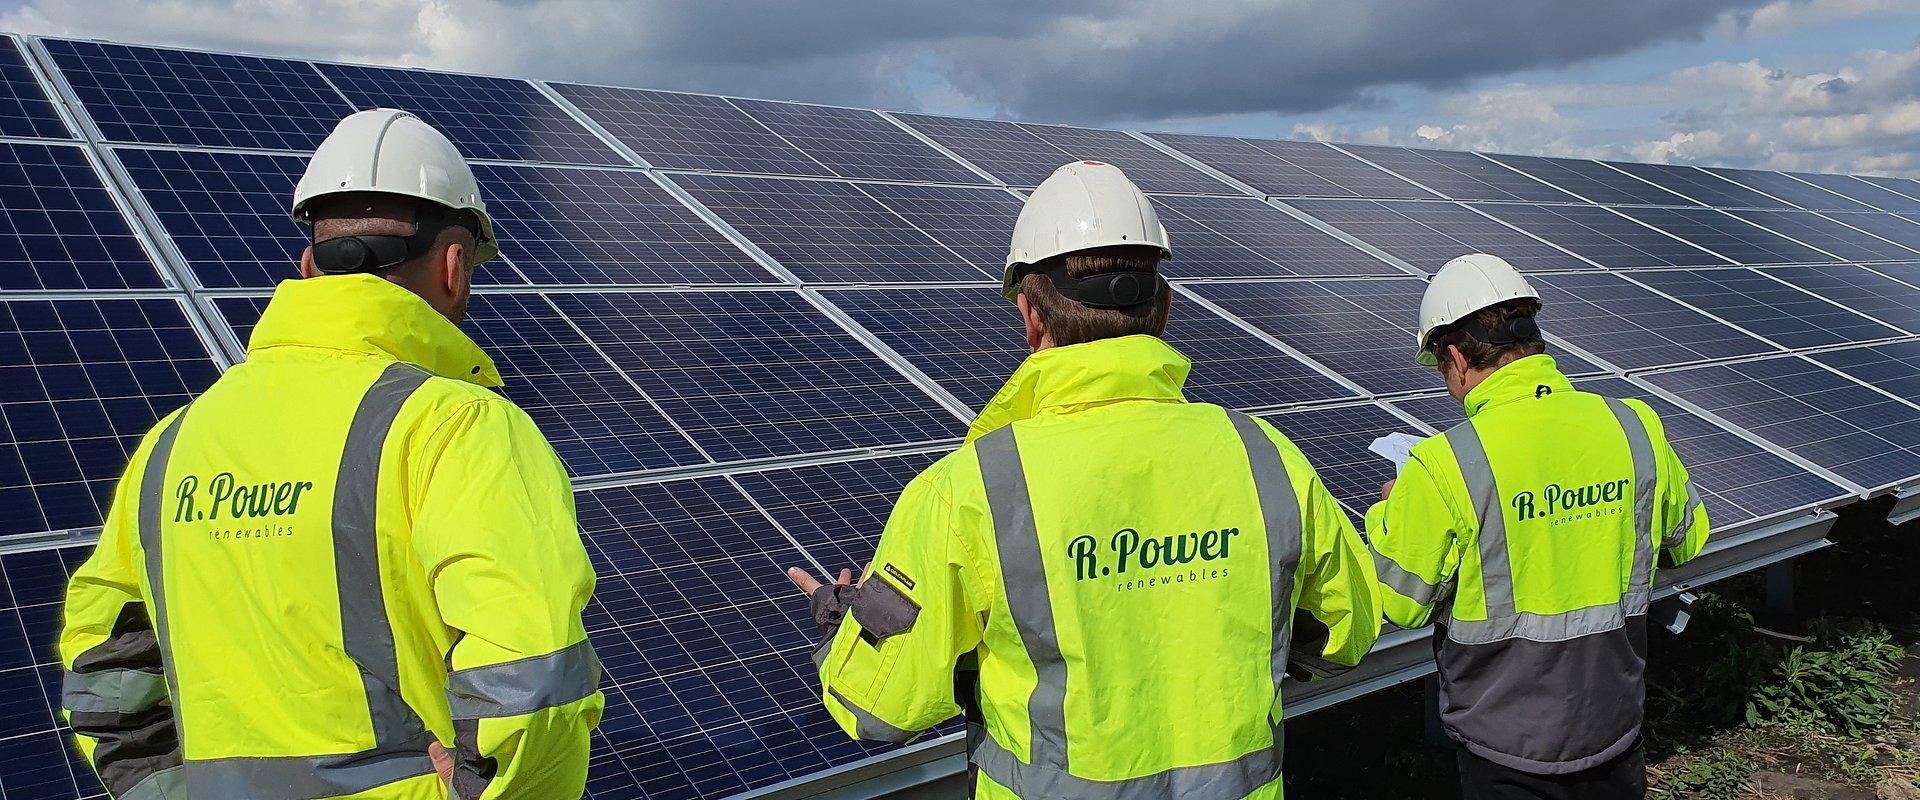 mBank pośredniczył w programie emisji zielonych obligacji dla R.Power